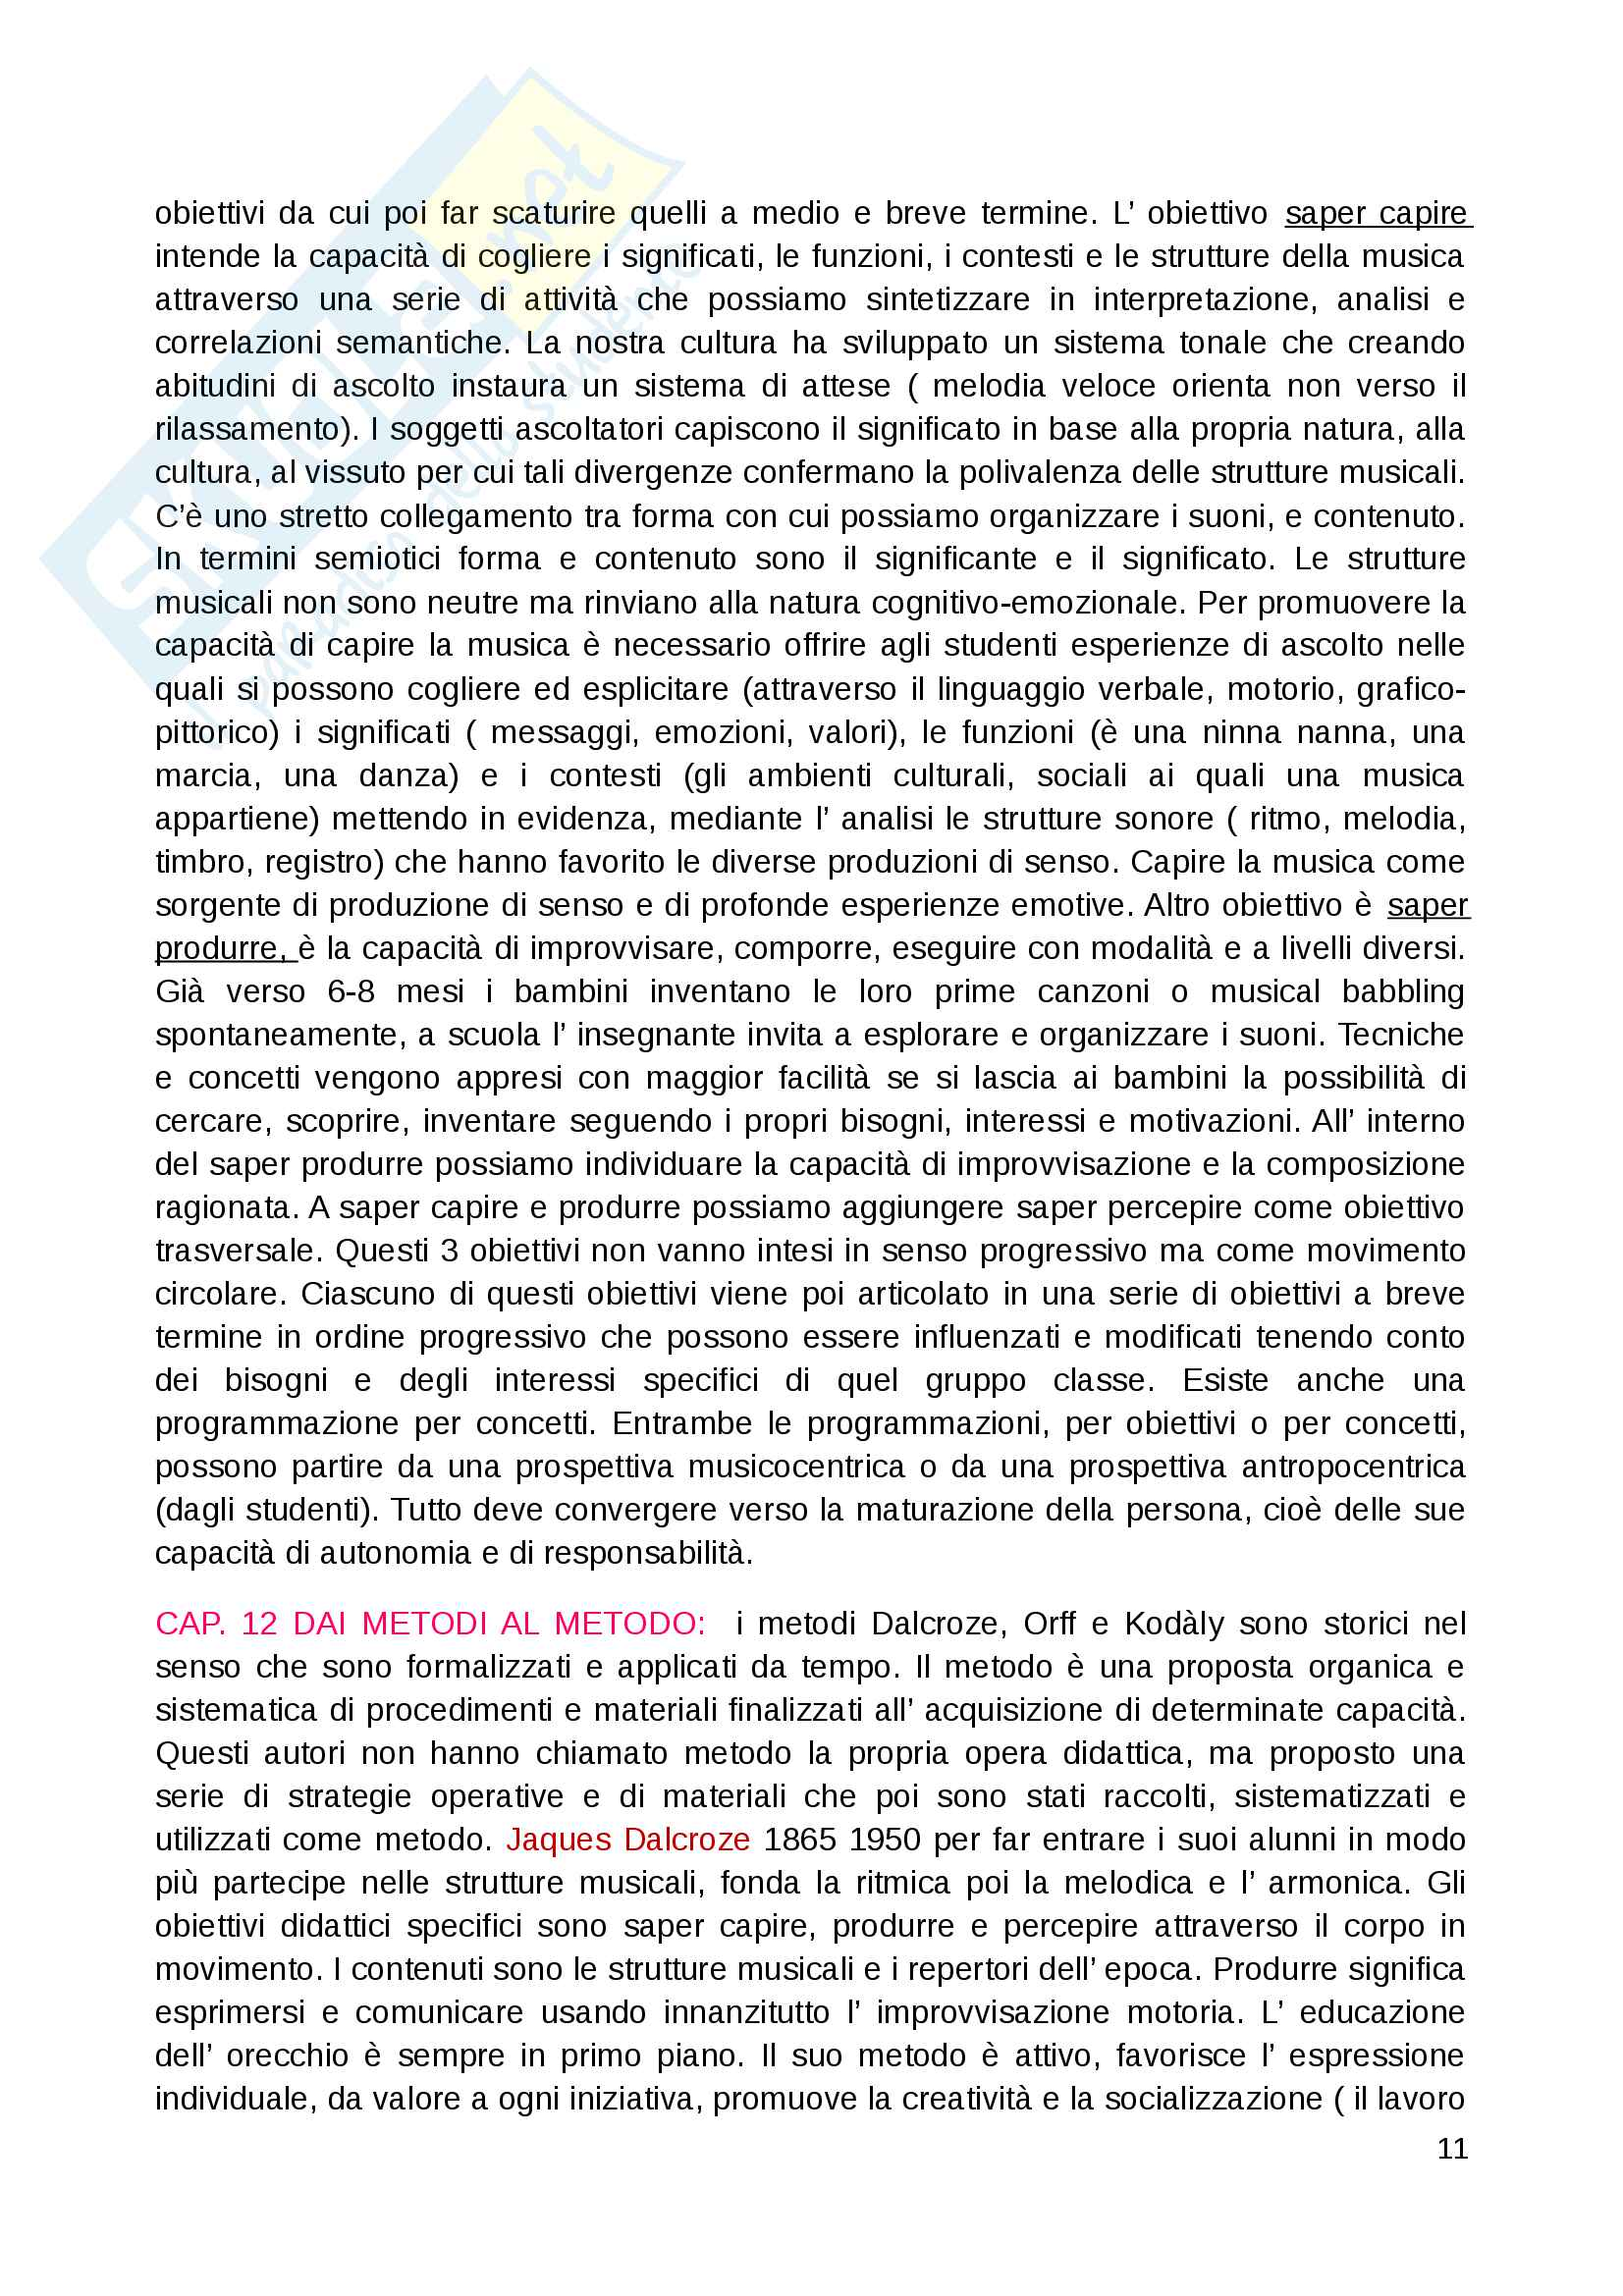 """Riassunto esame Educazione musicale, prof. Luisa Curinga, libri consigliati """"Suoni e significati"""" di Baroni Mario, """"Teorie, metodi e pratiche"""" di Johannella Tafuri e """"Nascere musicali"""" di Johannella Tafuri Pag. 11"""